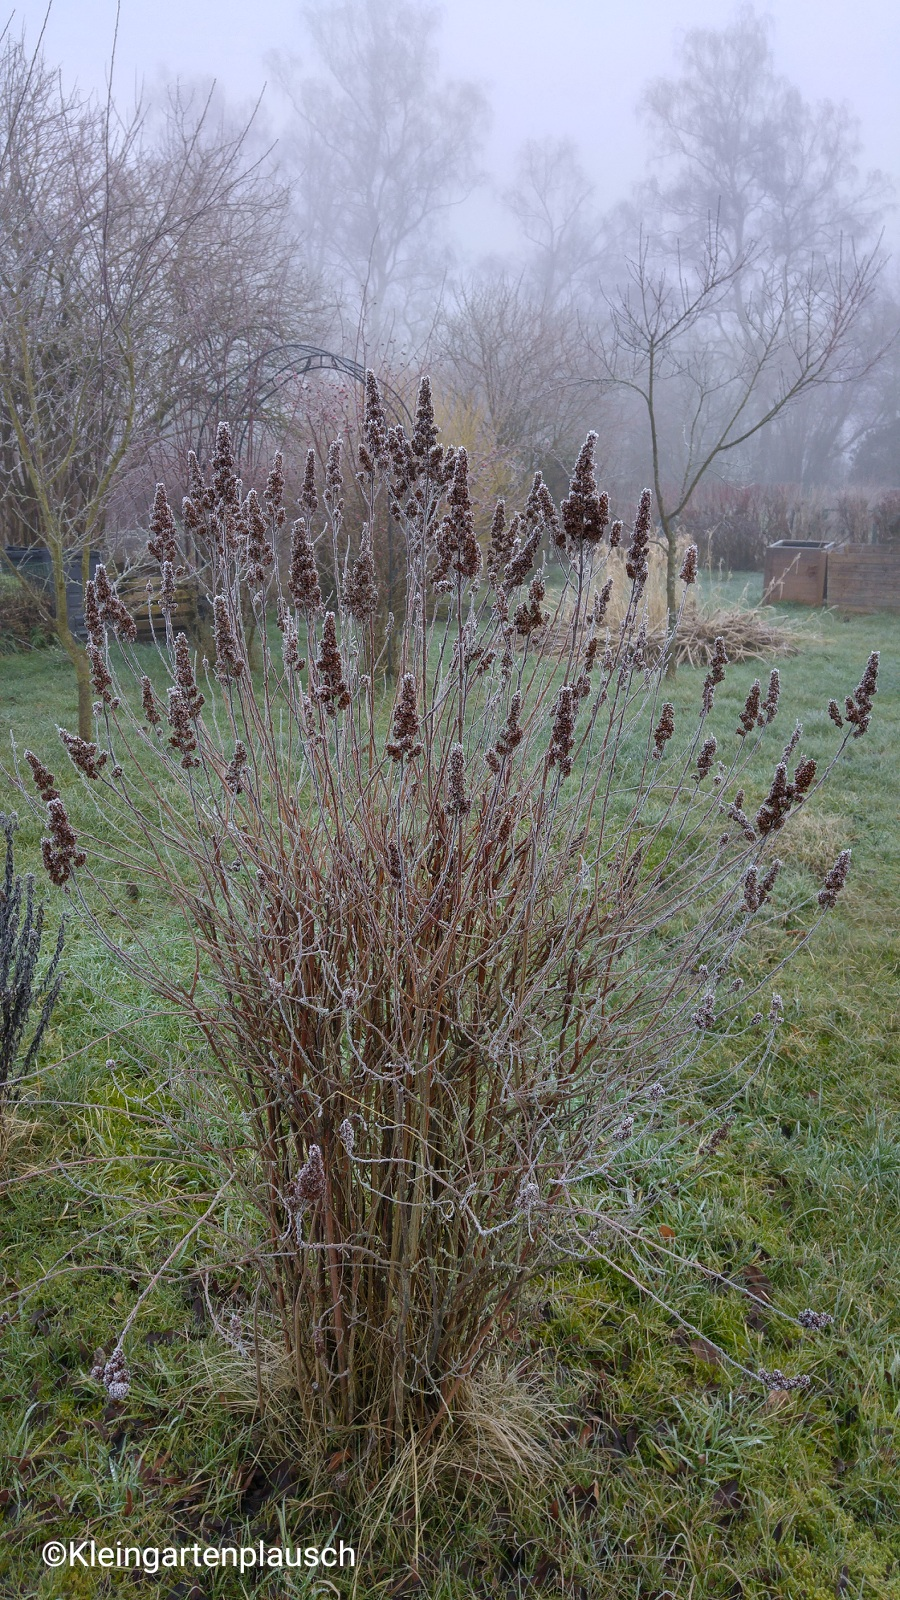 Wer die Staude bzw. das Gras erkennt, schreibe mir bitte den Namen - ich brauche die Pflanze dringend für den Winteraspekt im Kleinen Garten 😃!